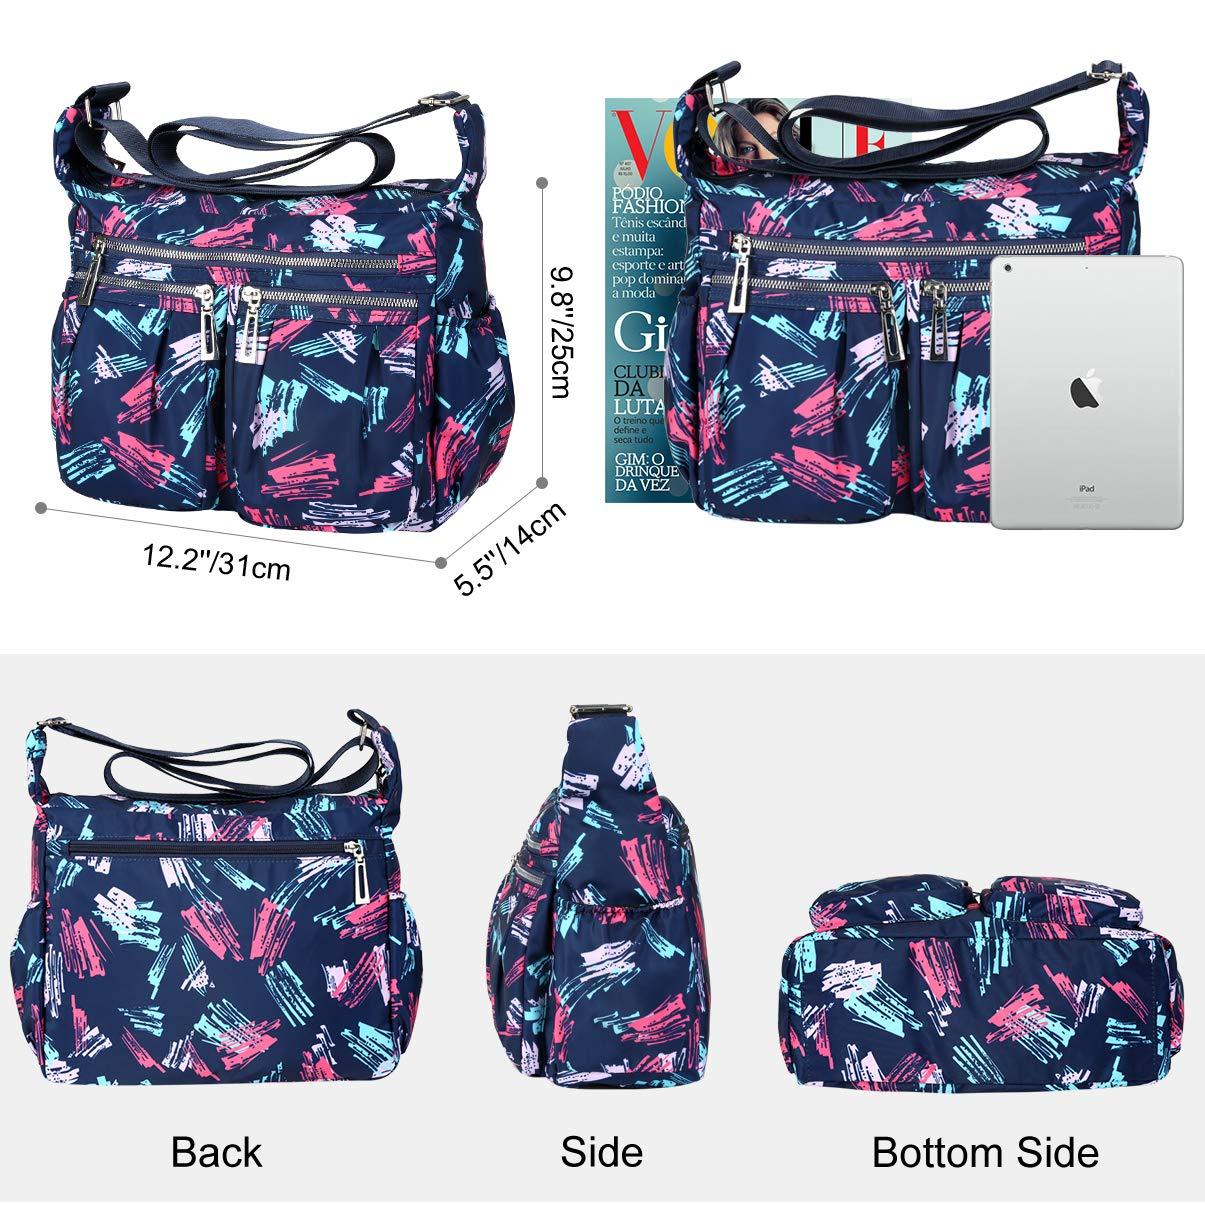 Vbiger Bolso Bandolera Mujer Grande Impermeable Nylon Bolso de Hombro Casual Bolsos de Mujer Bolso Shopper (Azul)